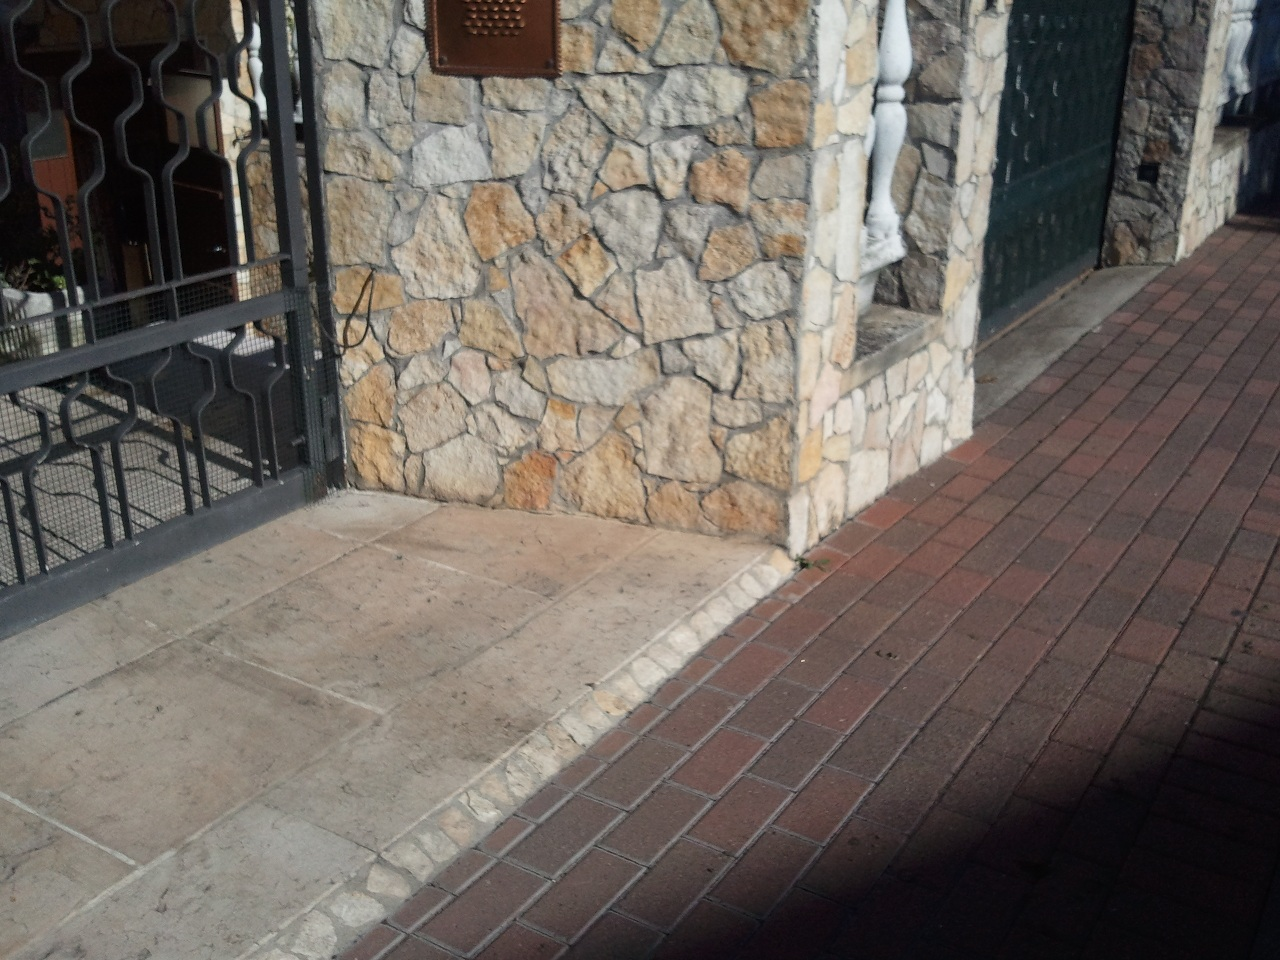 Foto di pietre per il rivestimento di muri esterni o interni - Pietre da esterno per rivestimento ...